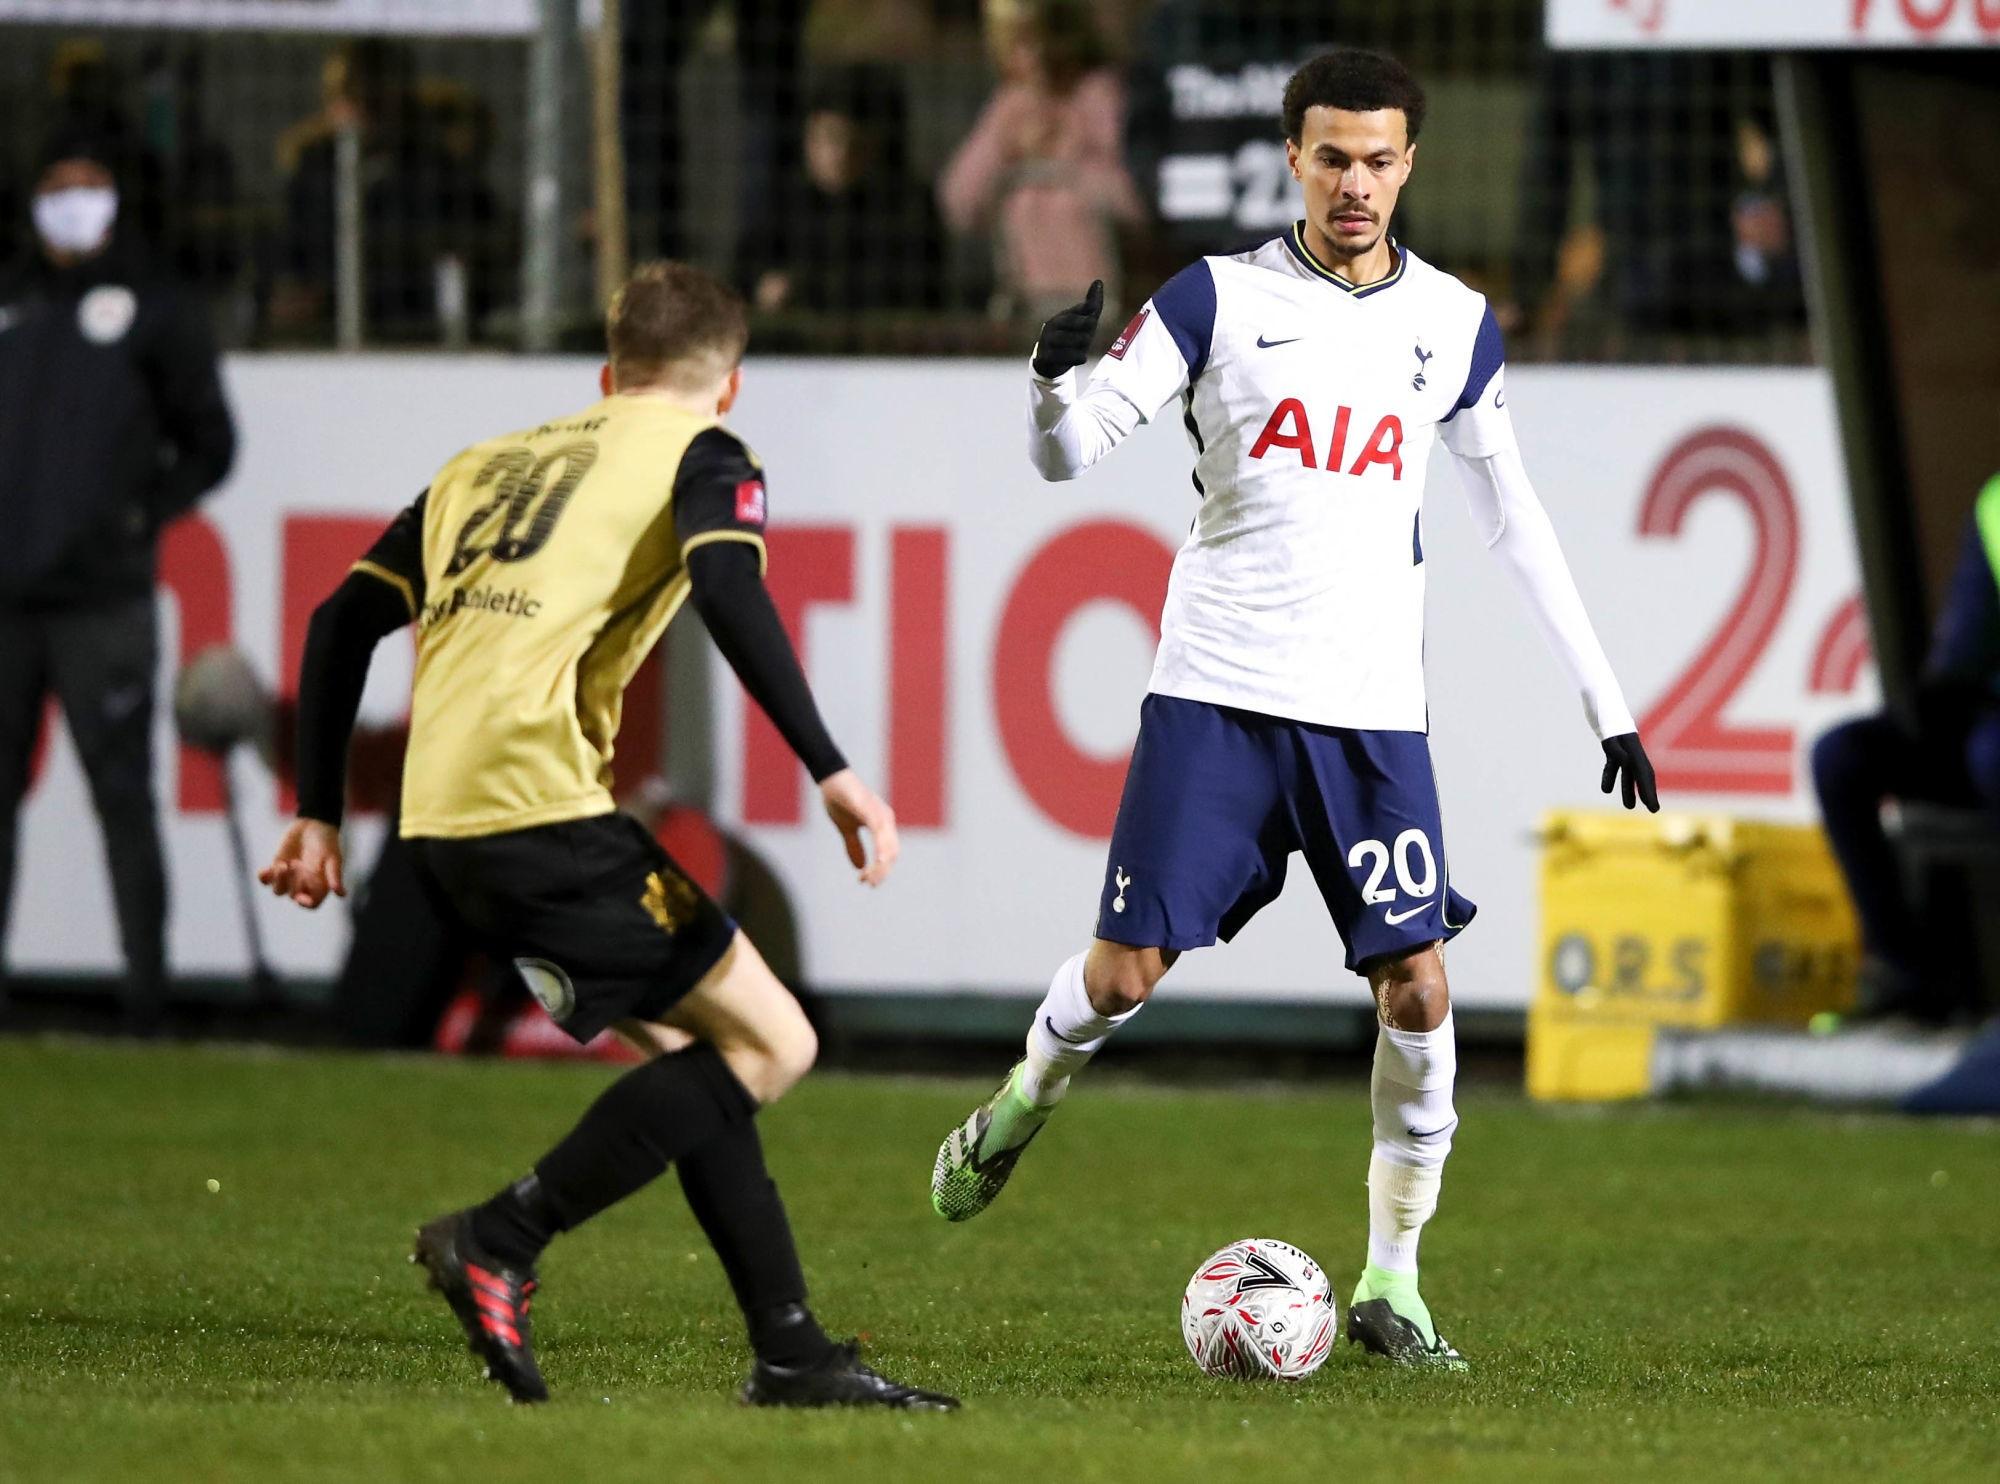 Mercato - Alli, le PSG et Tottenham ont trouvé un accord selon Le Parisien